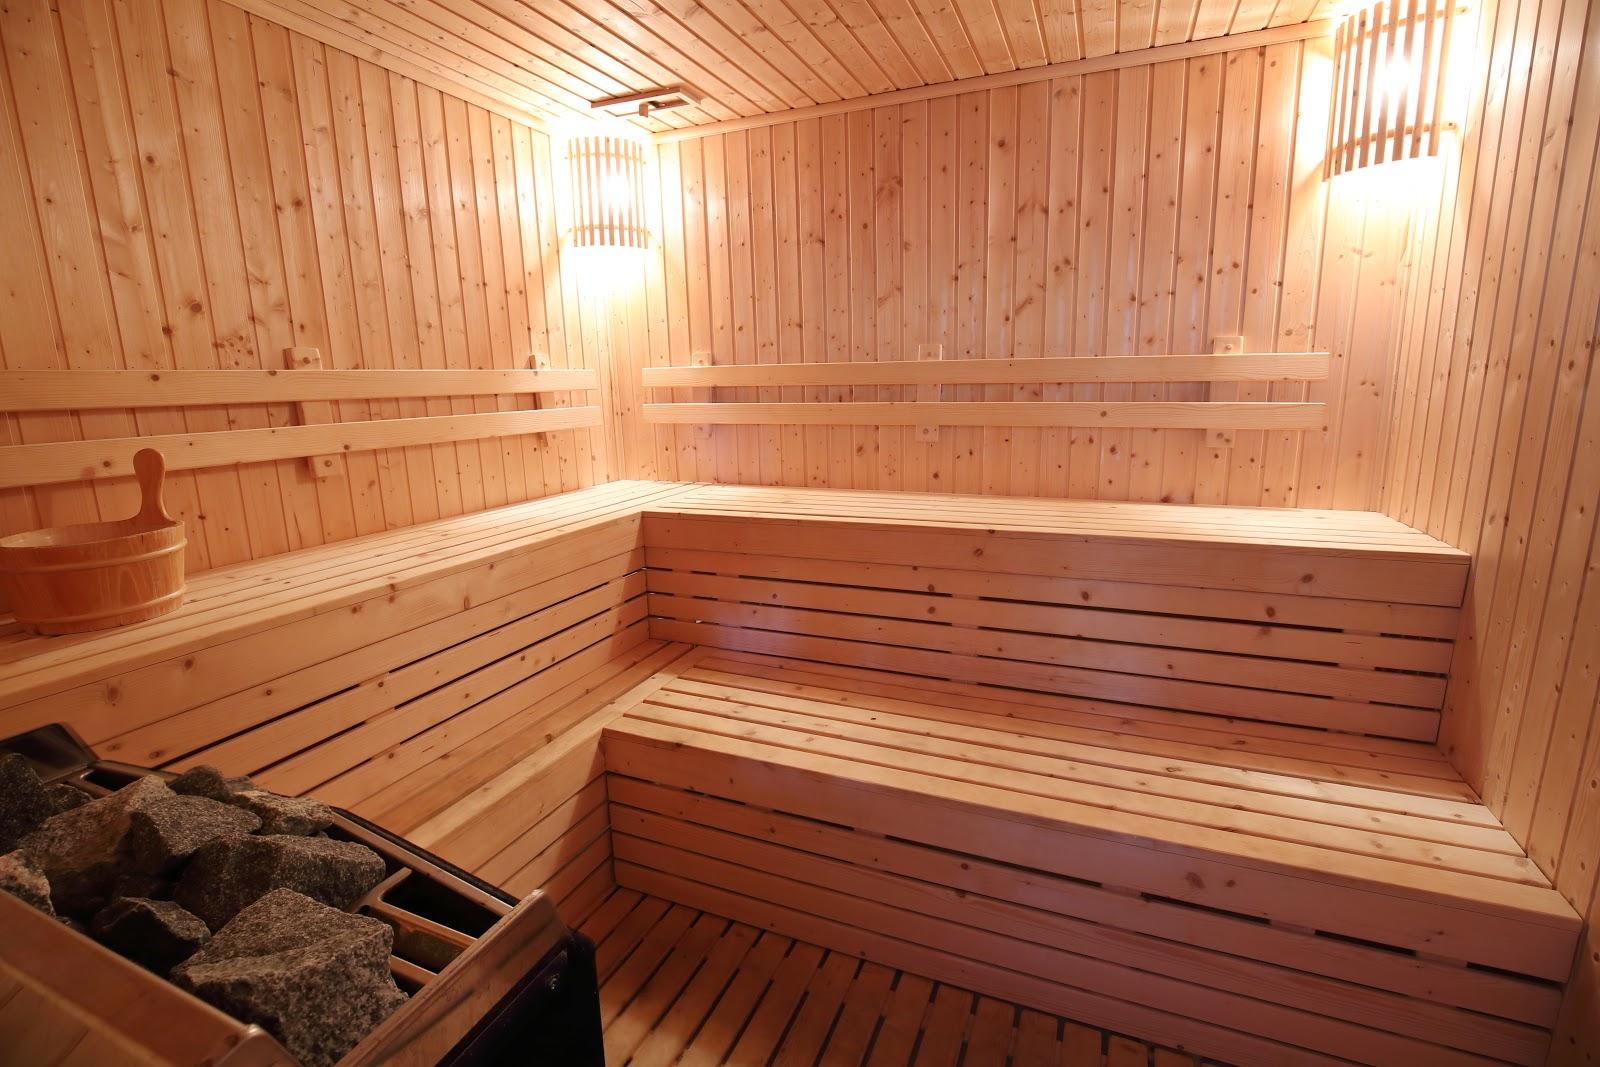 Все о полочках в баню: легкая угловая или настенная полочка для шампуня и мыла в моечной – из чего ее лучше делать и чем покрывать